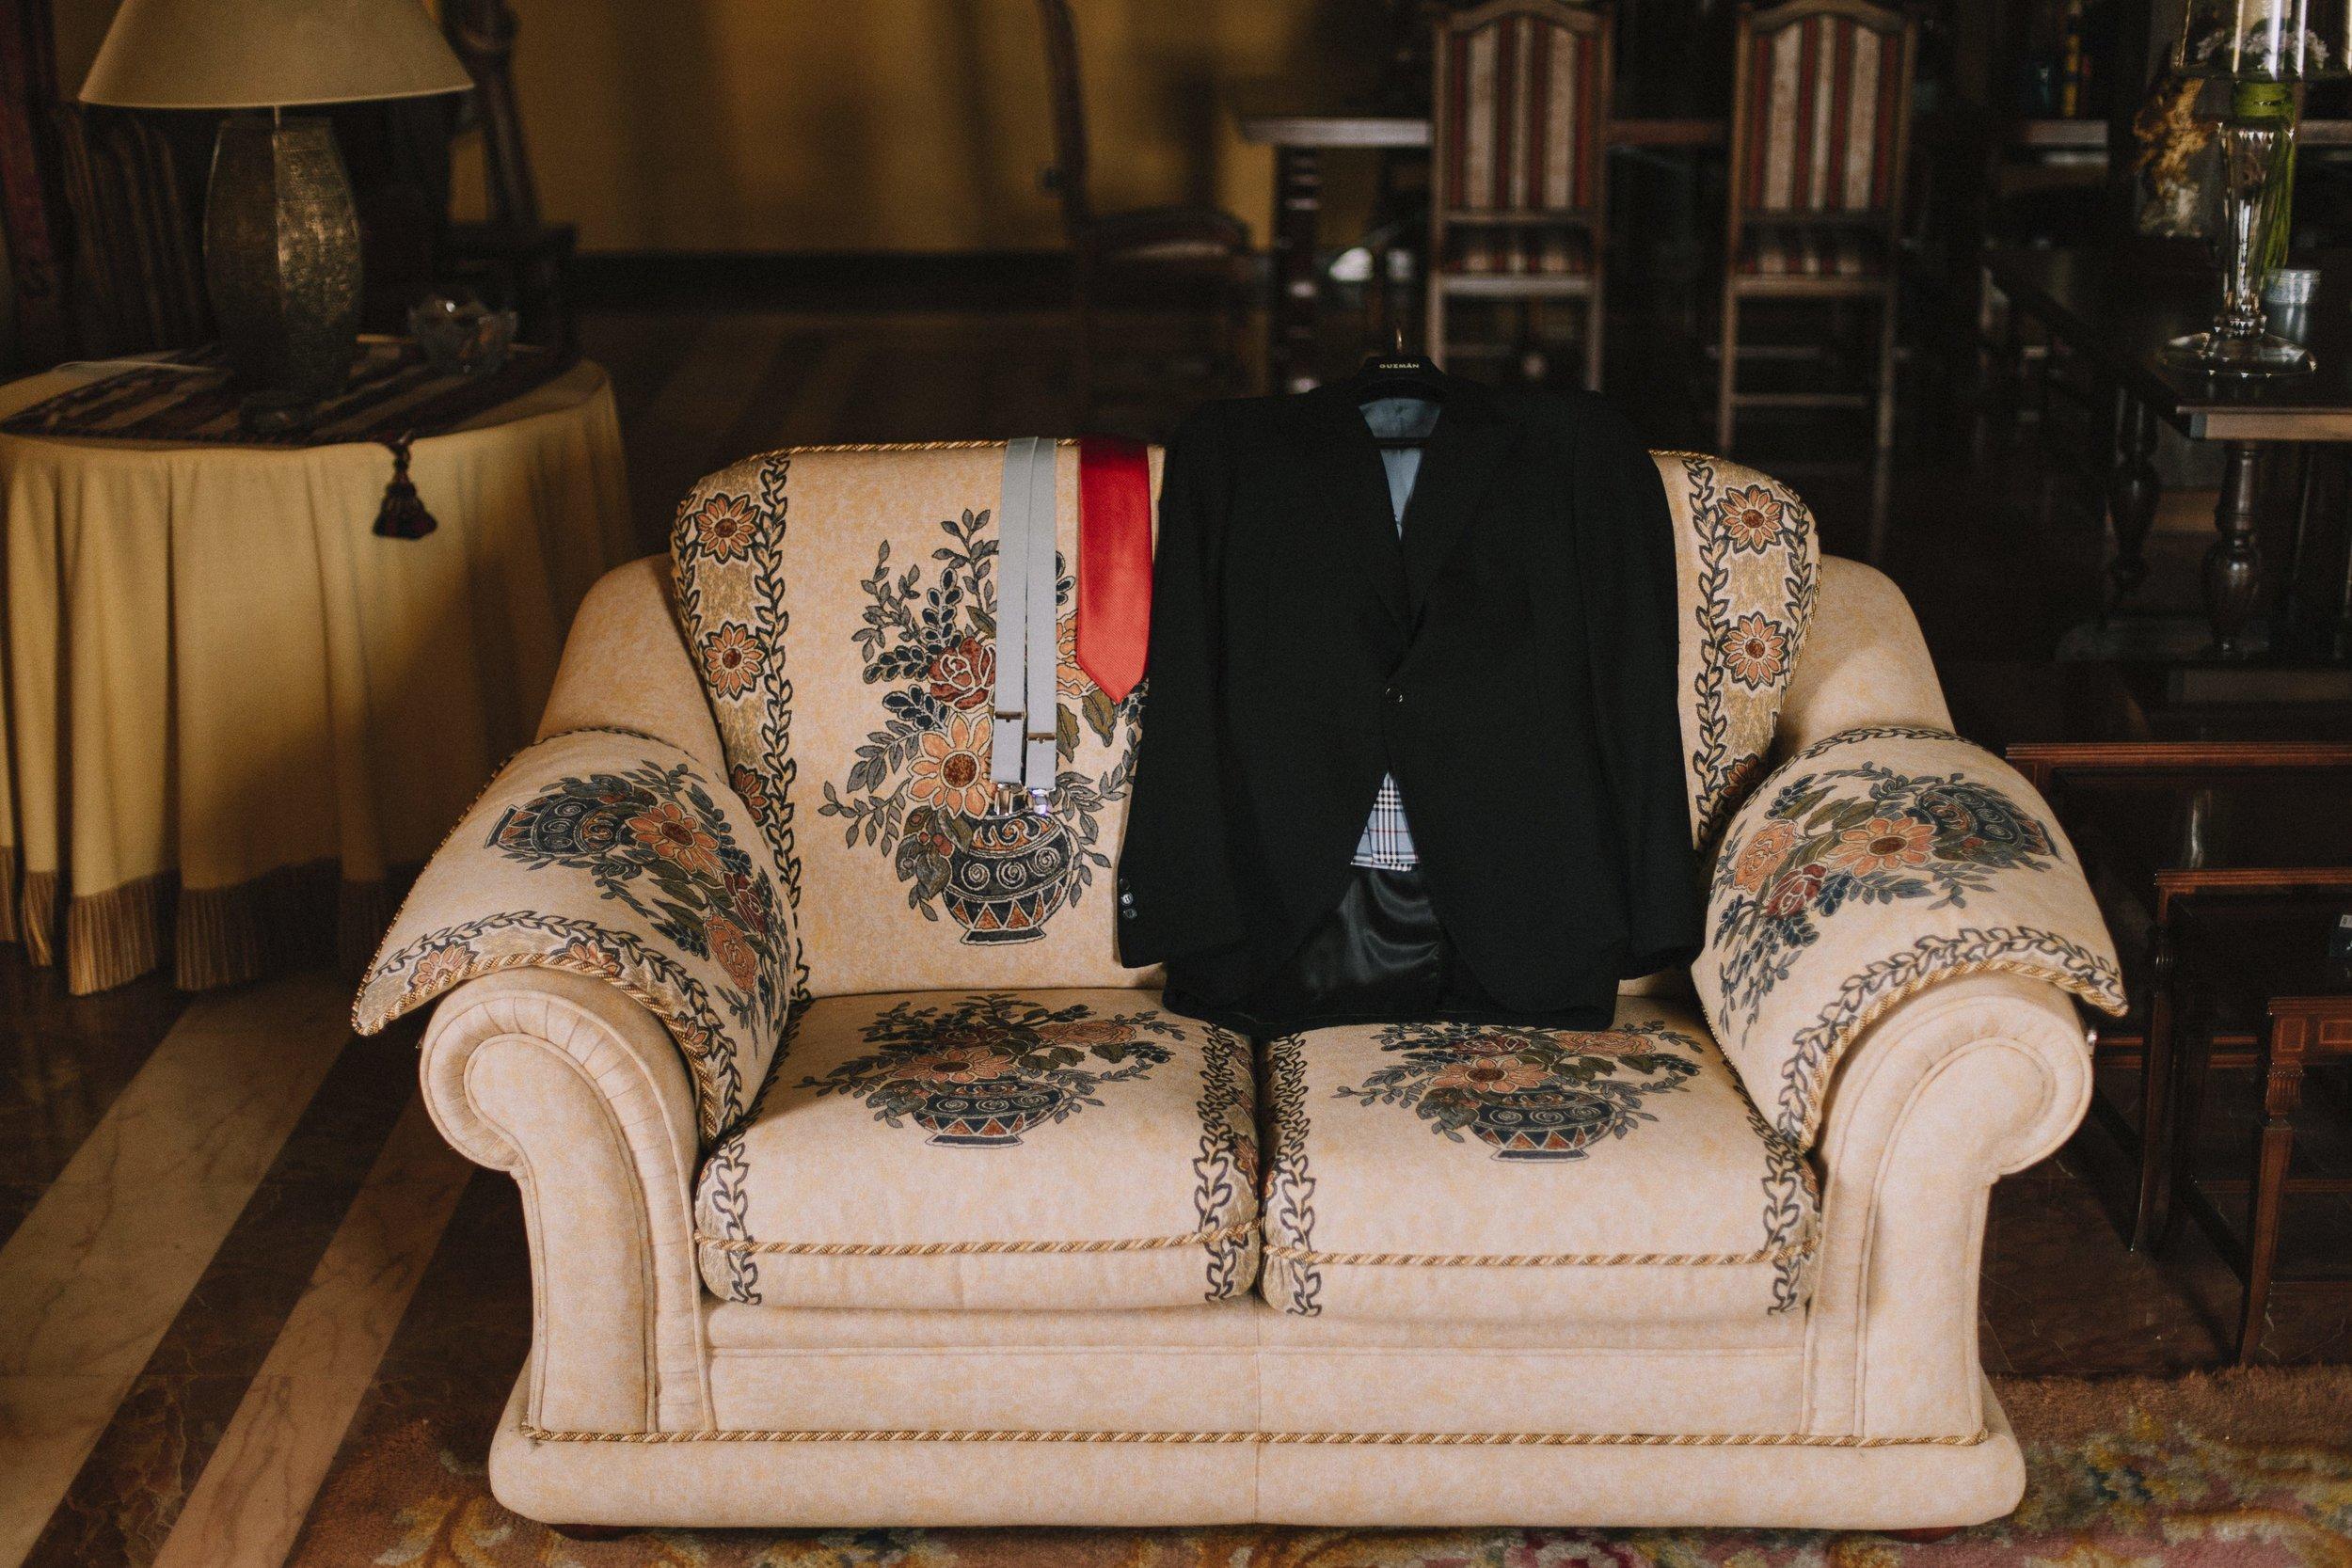 boda-finca-casa-oficios-cyc-0063.jpg